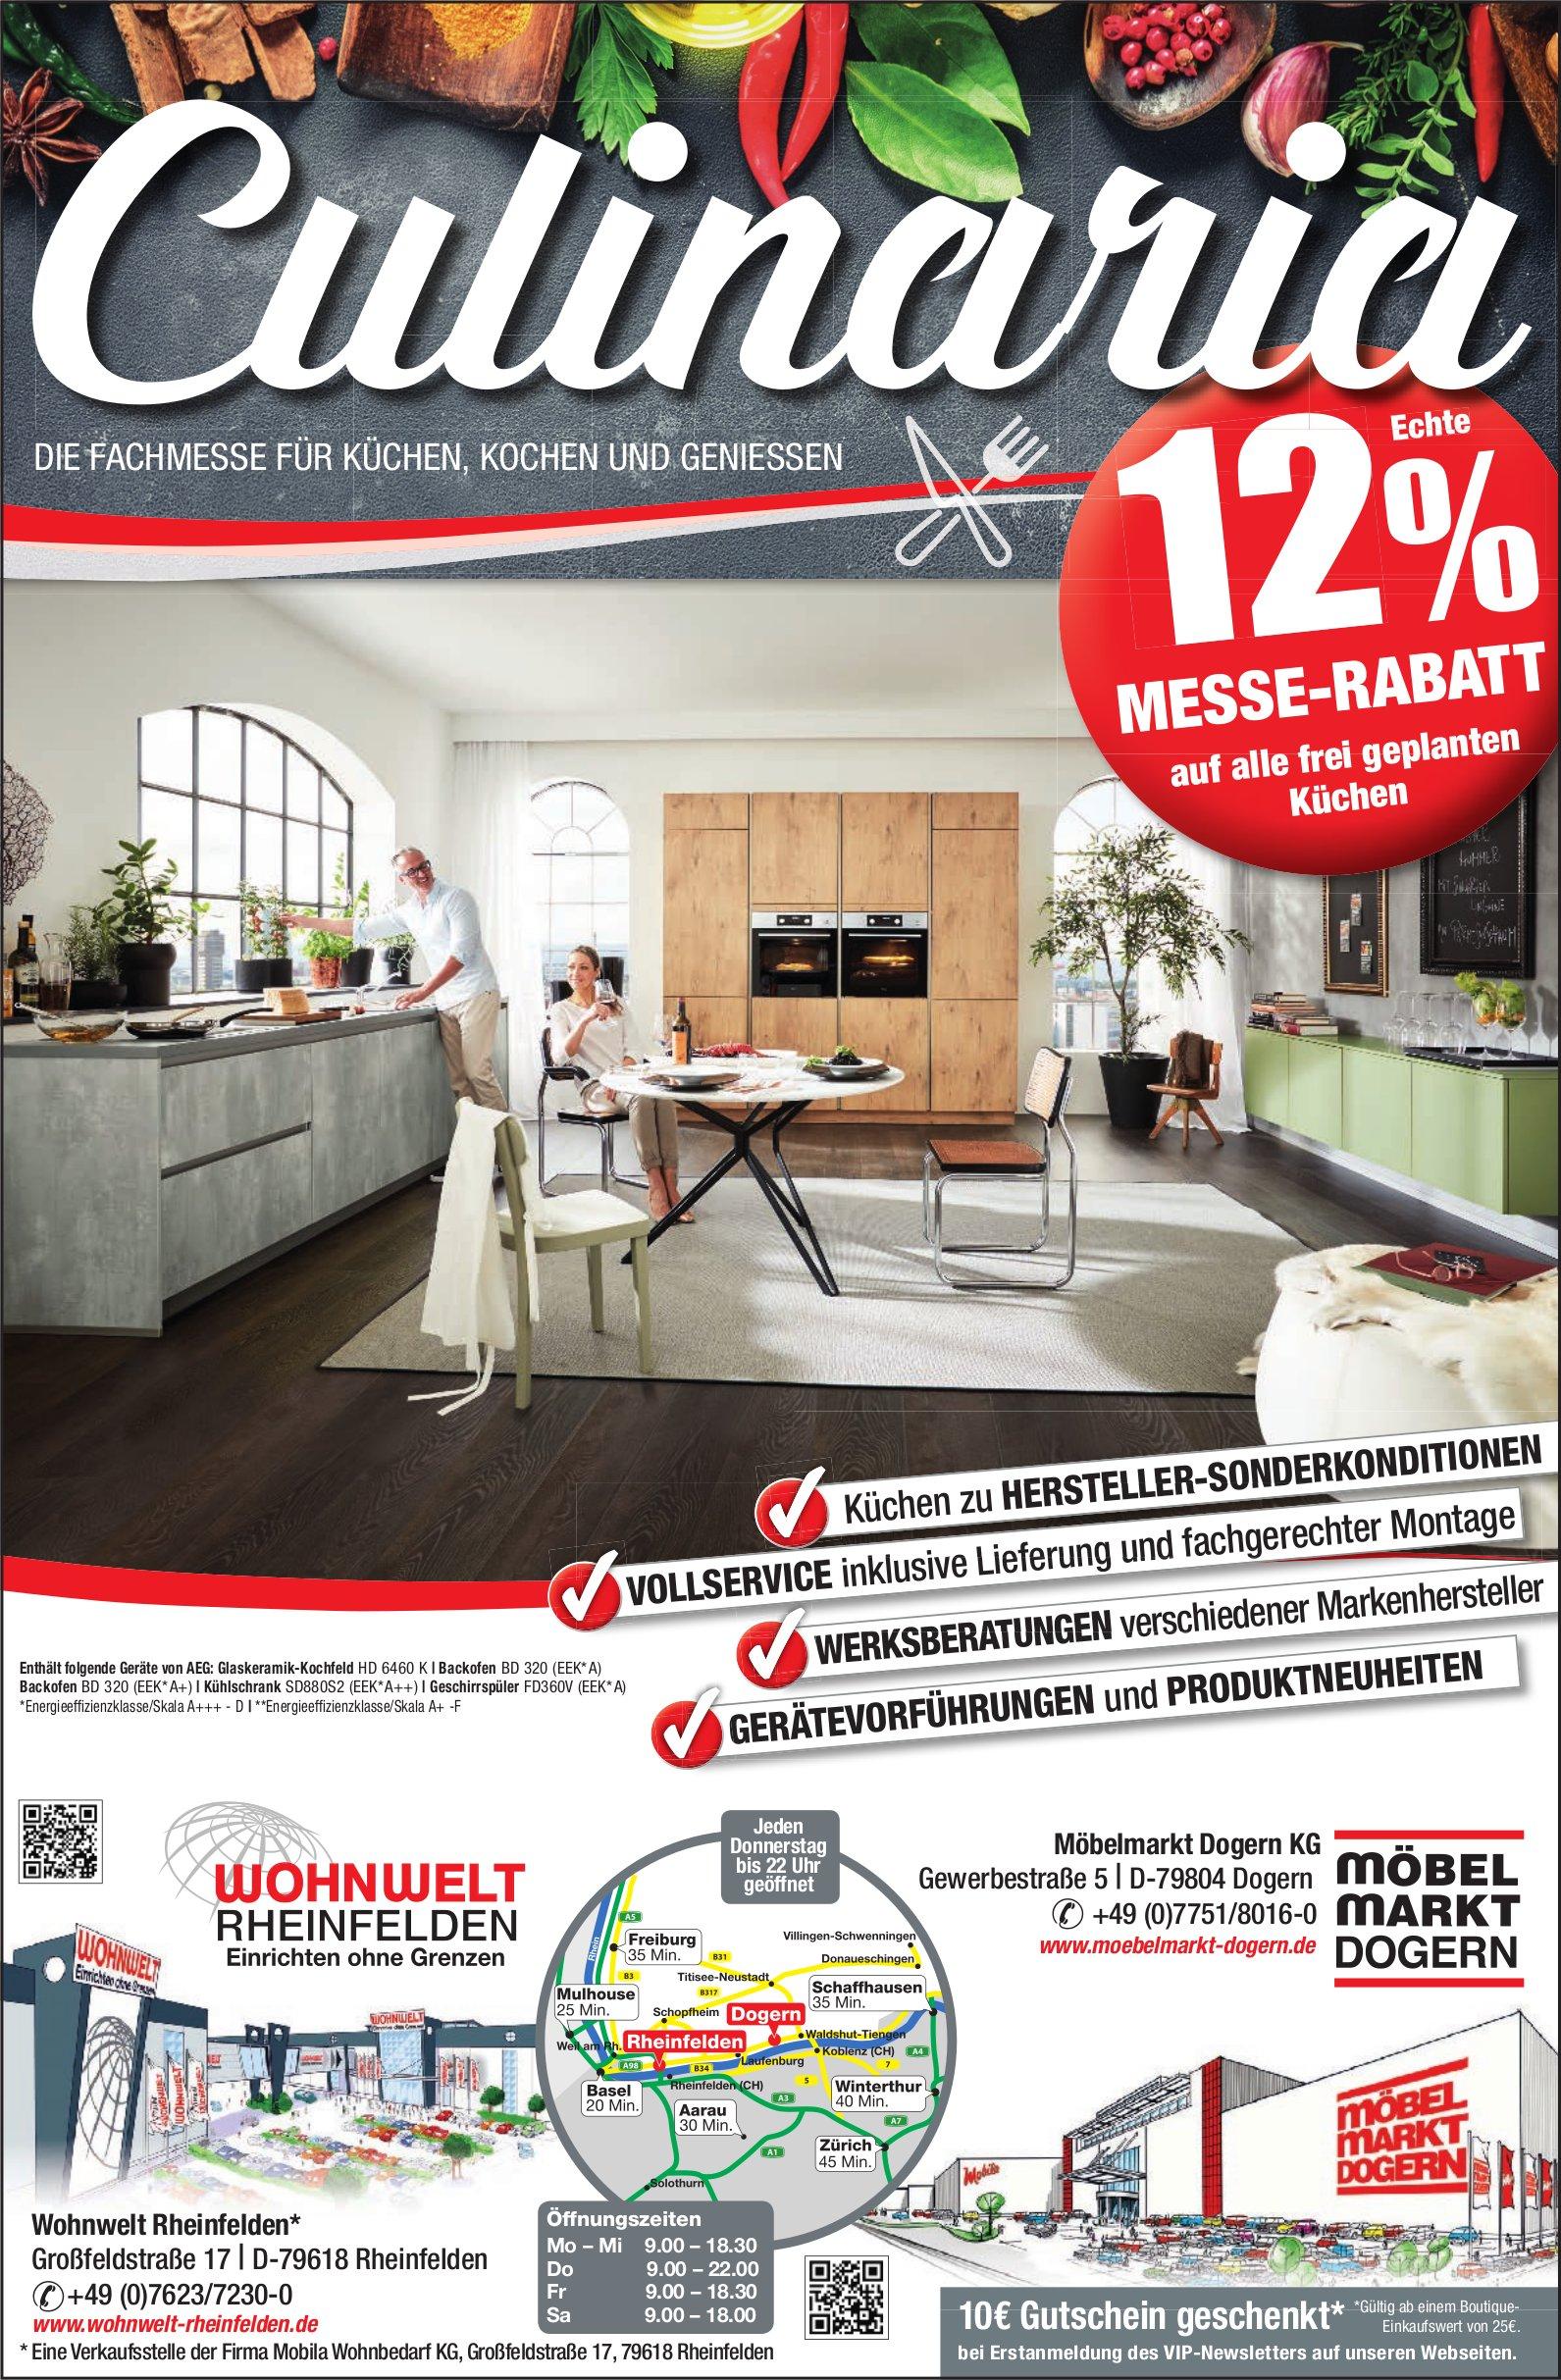 Wohnwelt Rheinfelden Möbelmarkt Dogern Kg Culinaria Die